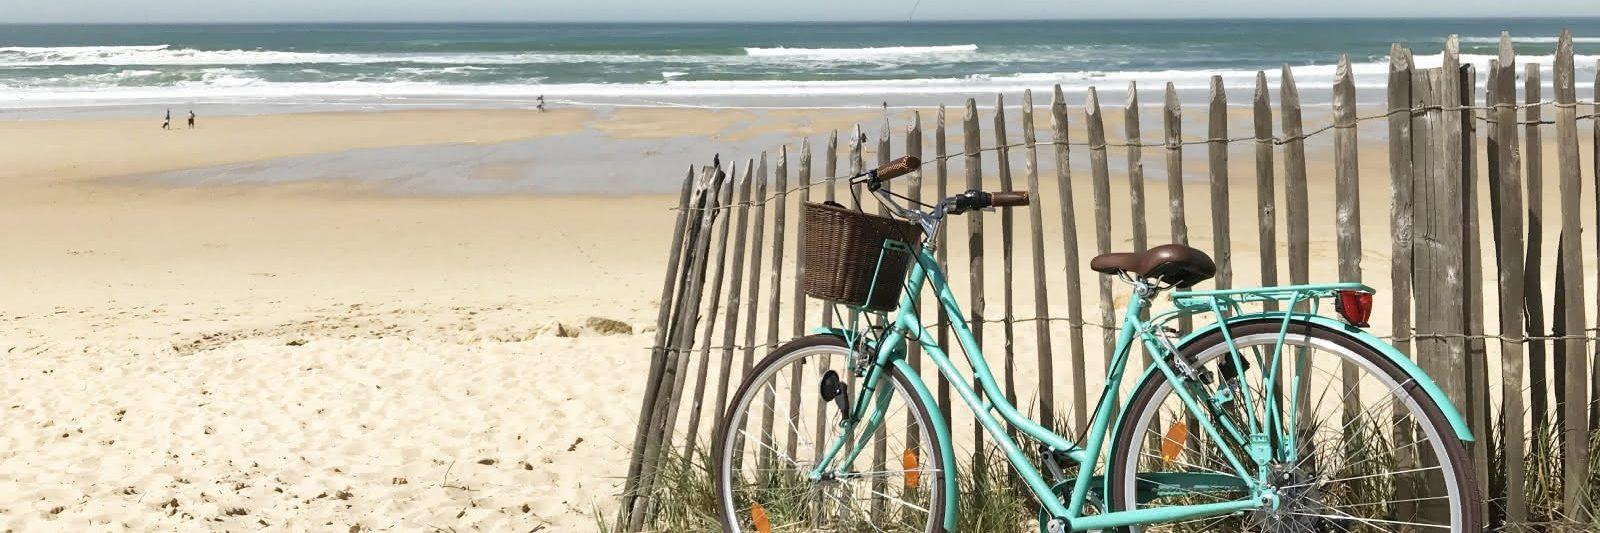 Balades à vélo sur la plage